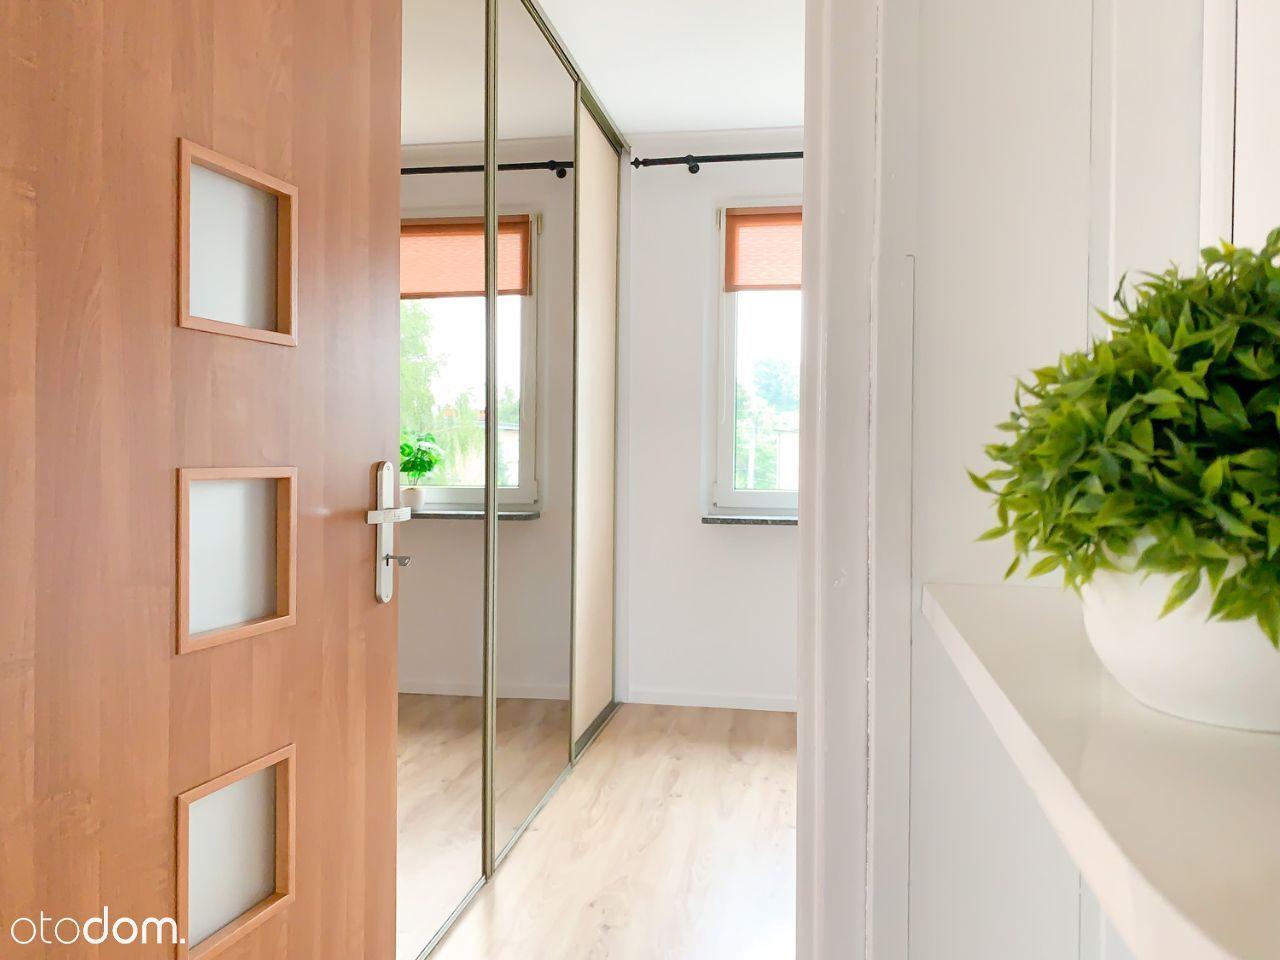 Mieszkanie 2 pokoje + balkon 53,8 m2 _ 0% prowizji